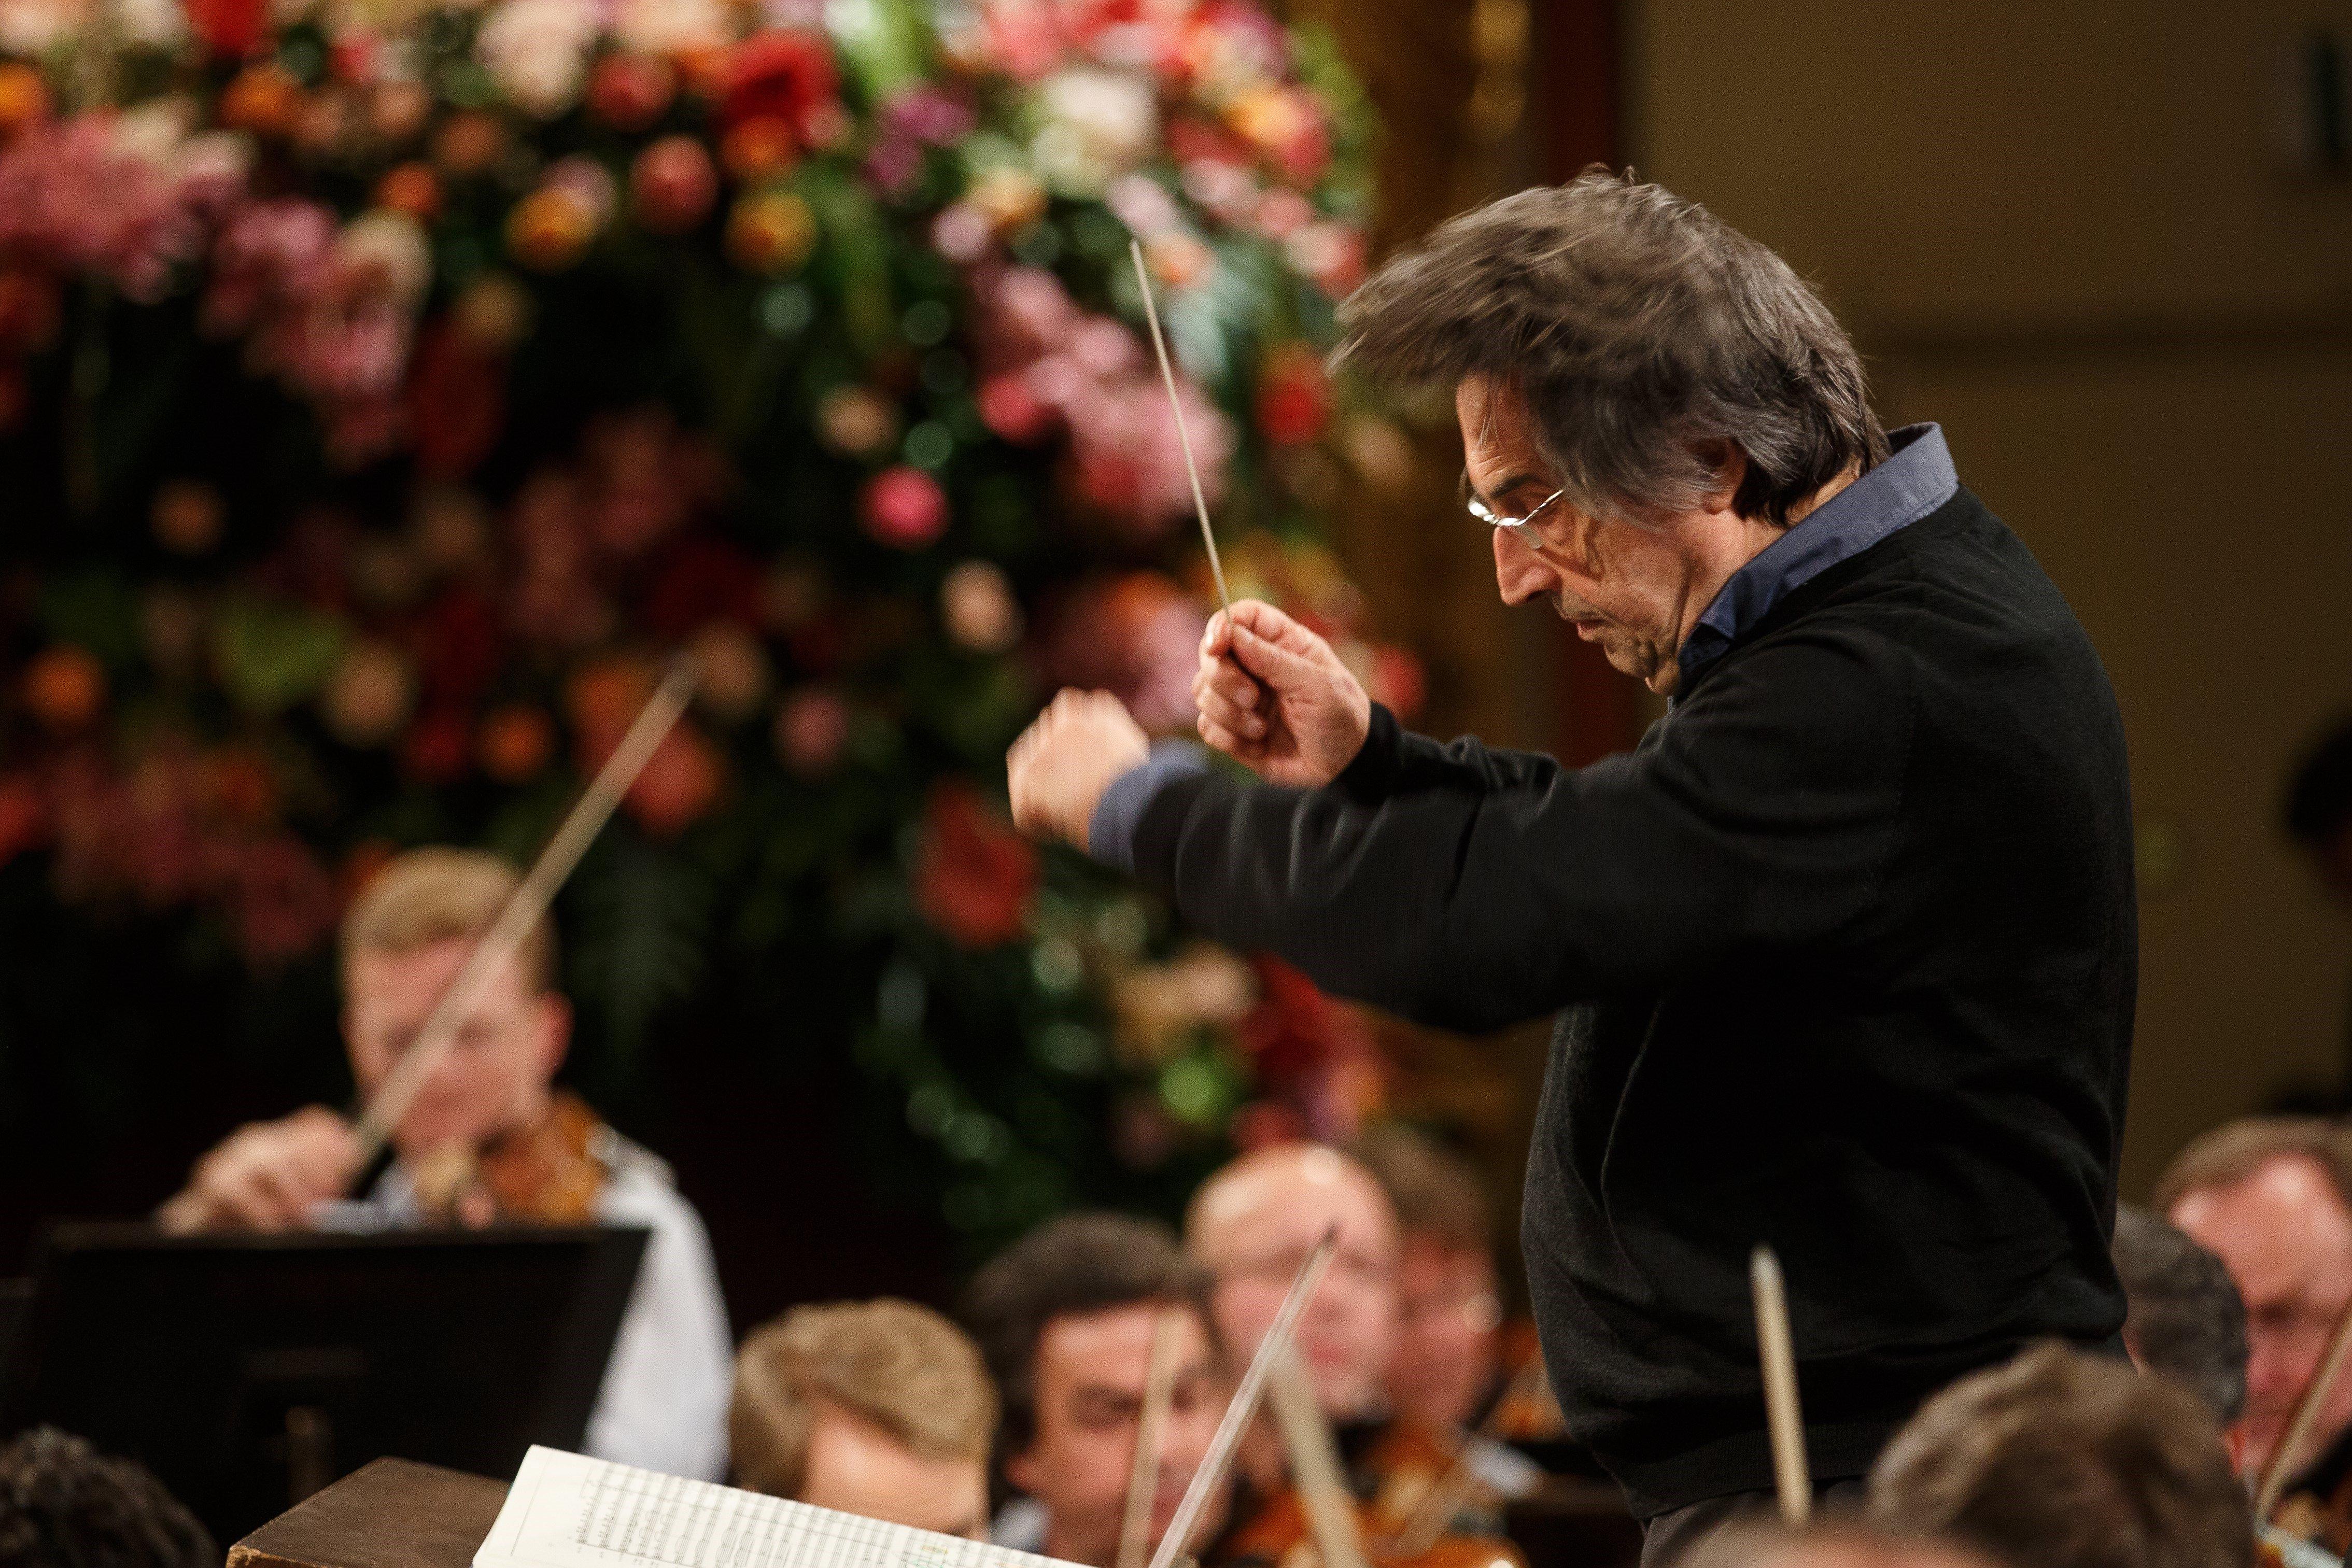 El director italià Riccardo Muti condueix l'assaig de la Filharmònica de Viena per al tradicional Concert d'Any Nou 2018 a Viena (Àustria), avui 29 de desembre de 2017. / FLORIAN WIESER